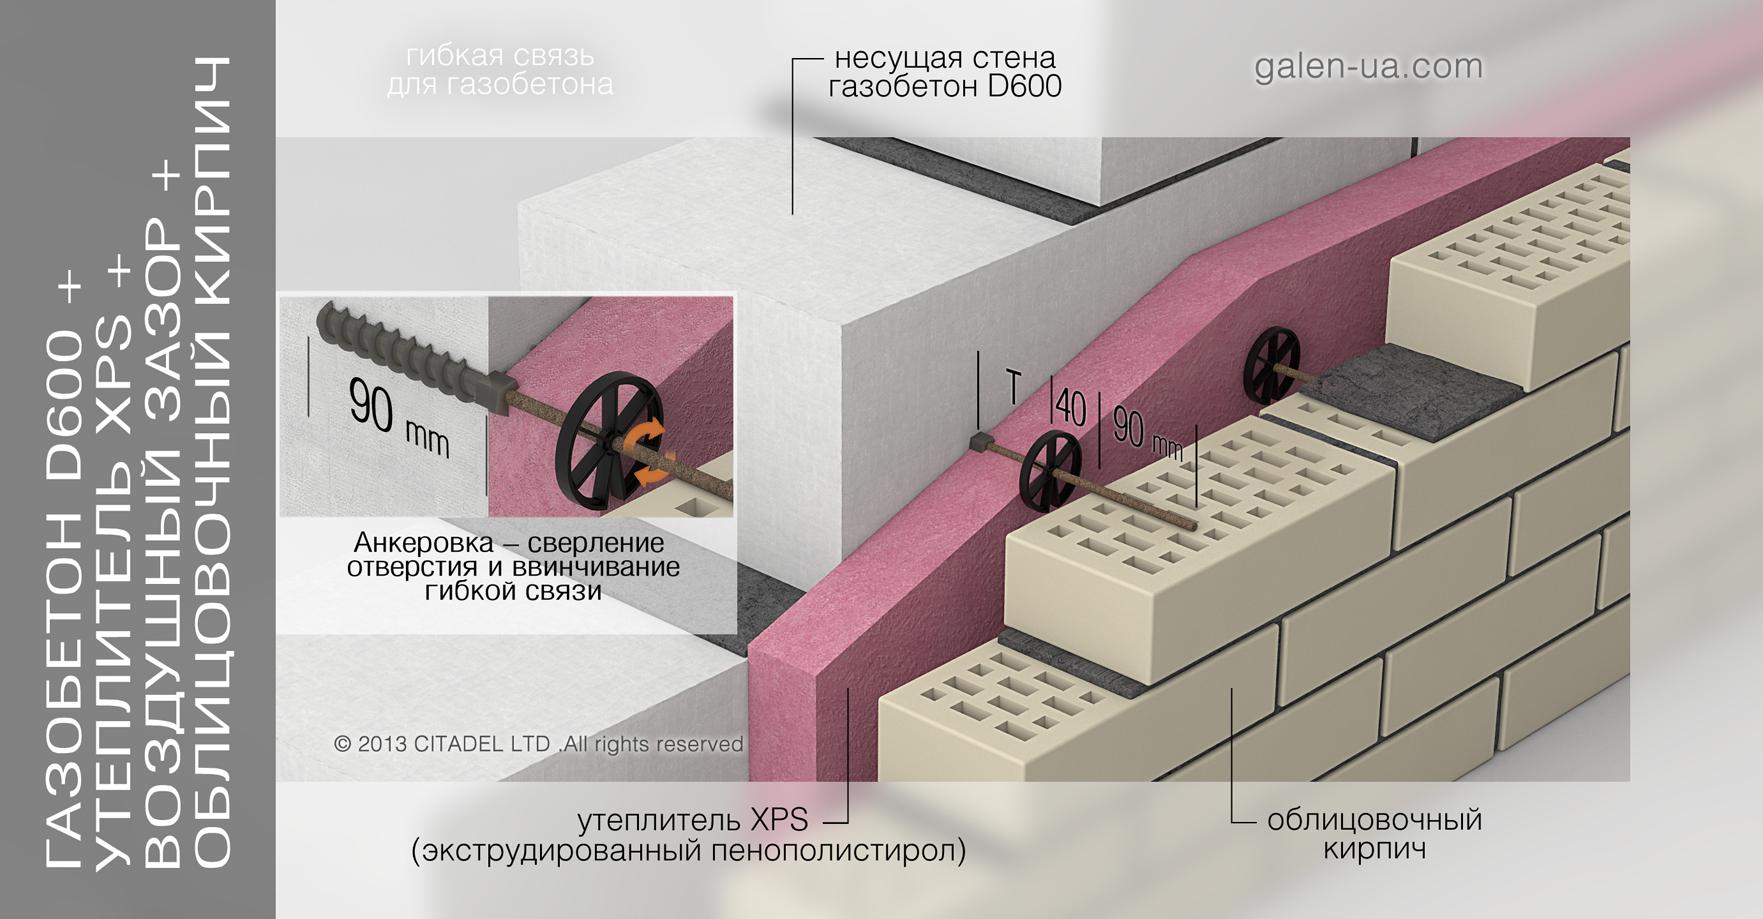 Гибкая связь для газобетона: Газобетон D600 + Утеплитель XPS + Воздушный зазор + Облицовочный кирпич